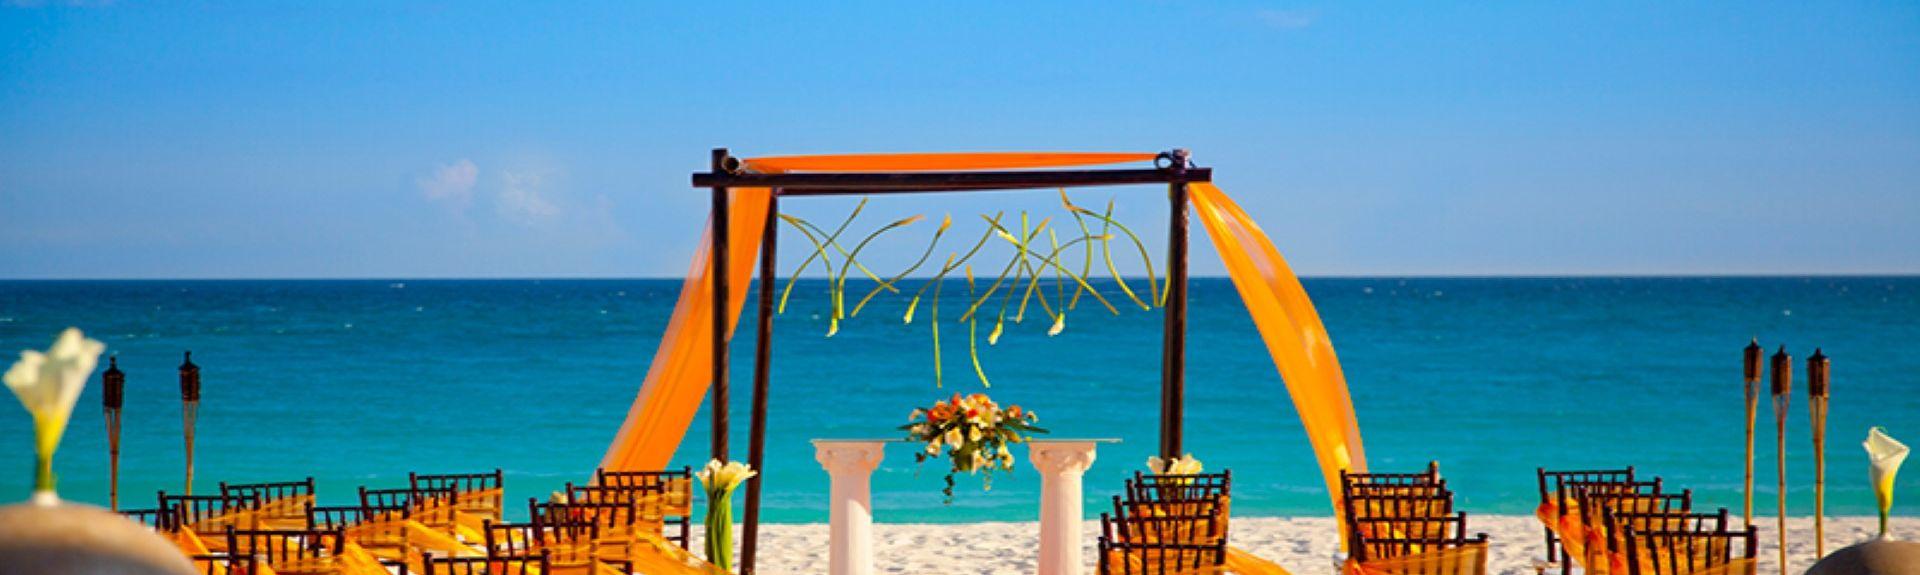 Zona Hotelera, Cancún, Quintana Roo, México